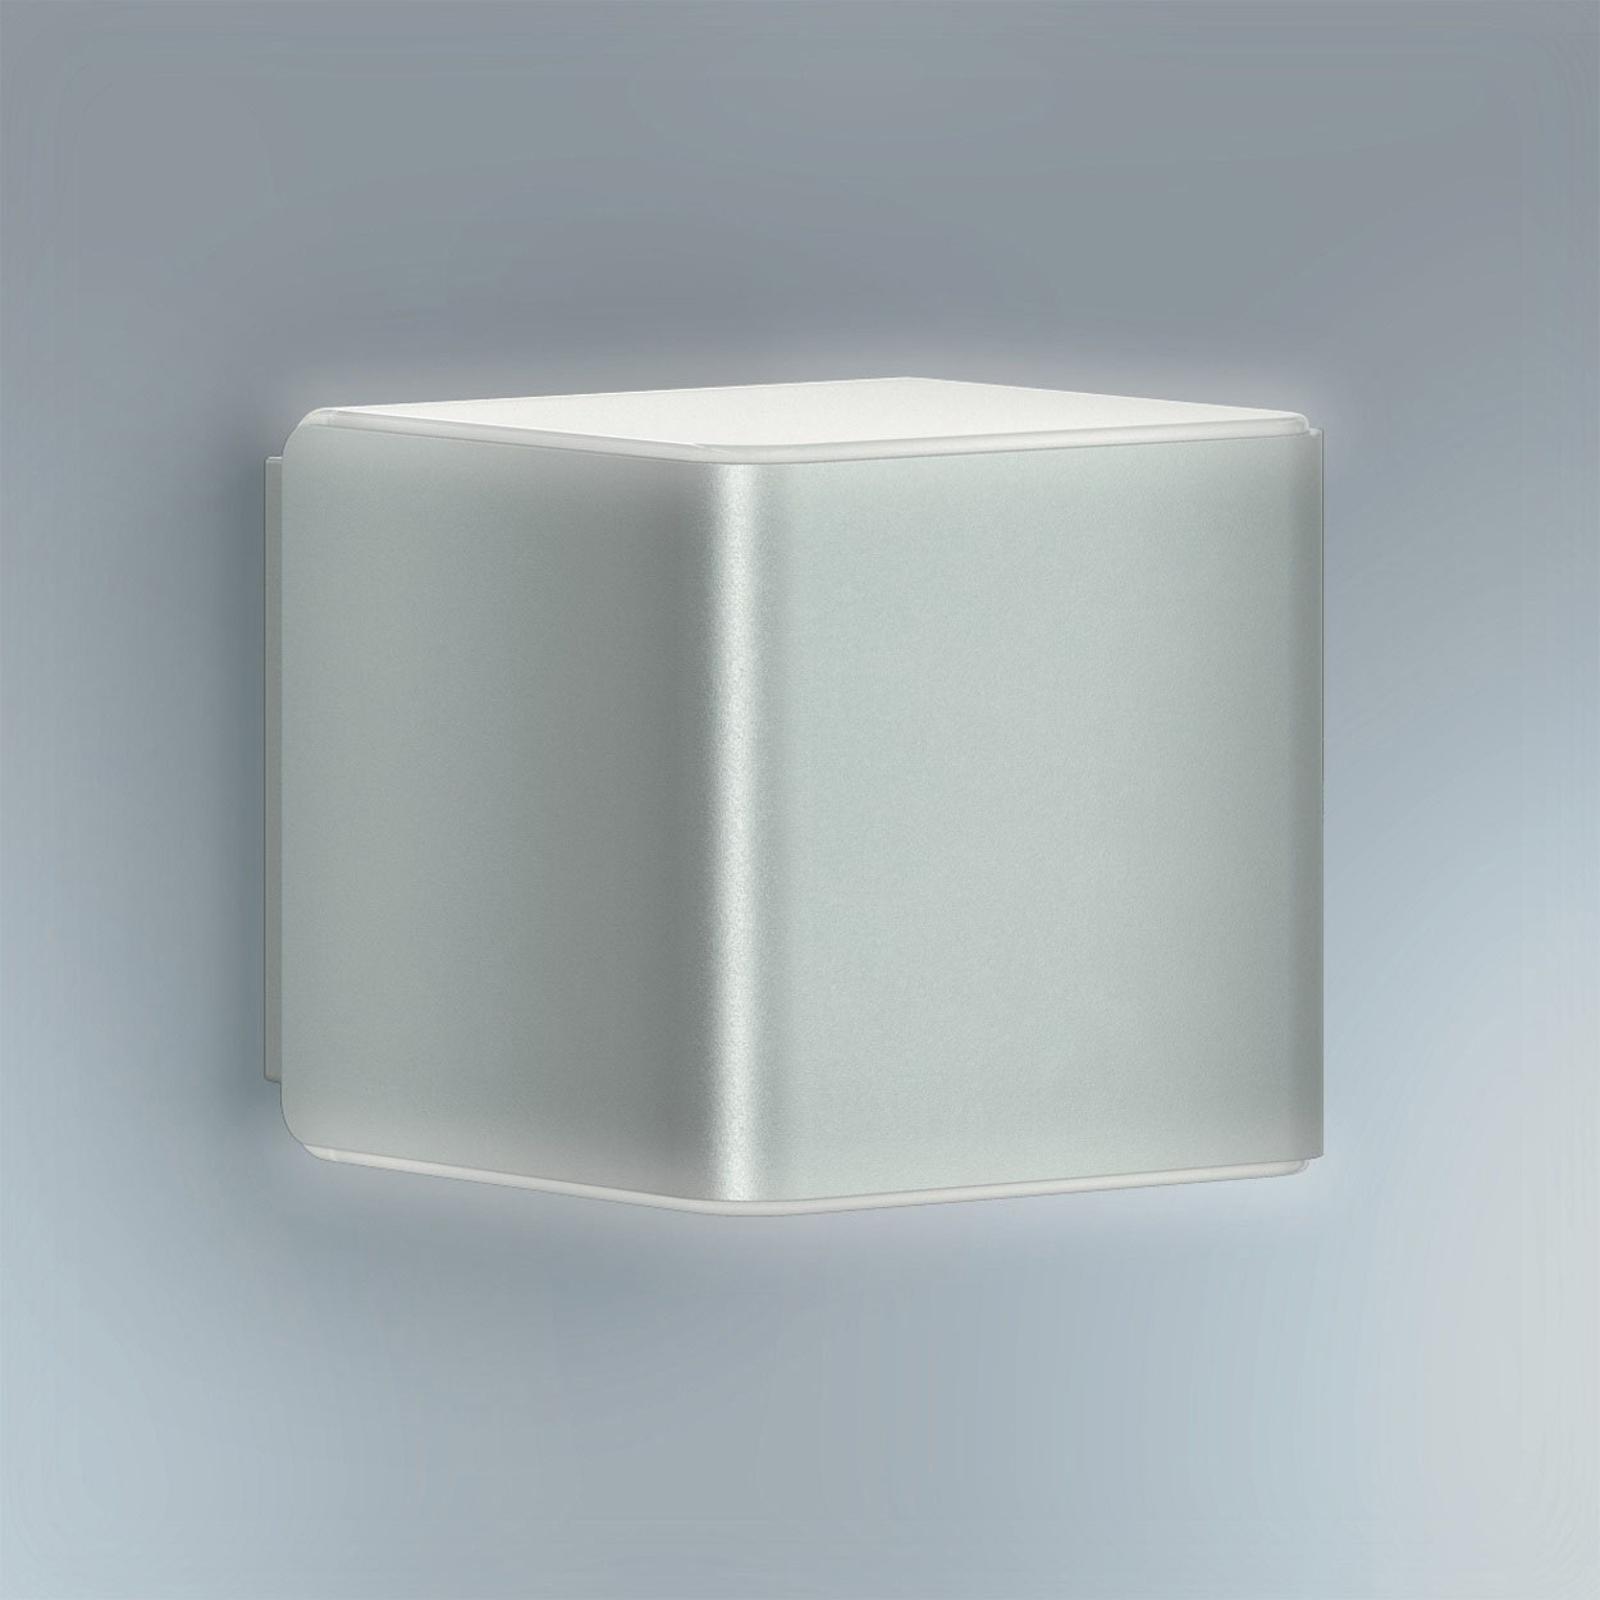 STEINEL L 840 SC Sensor-Außenwandleuchte, silber